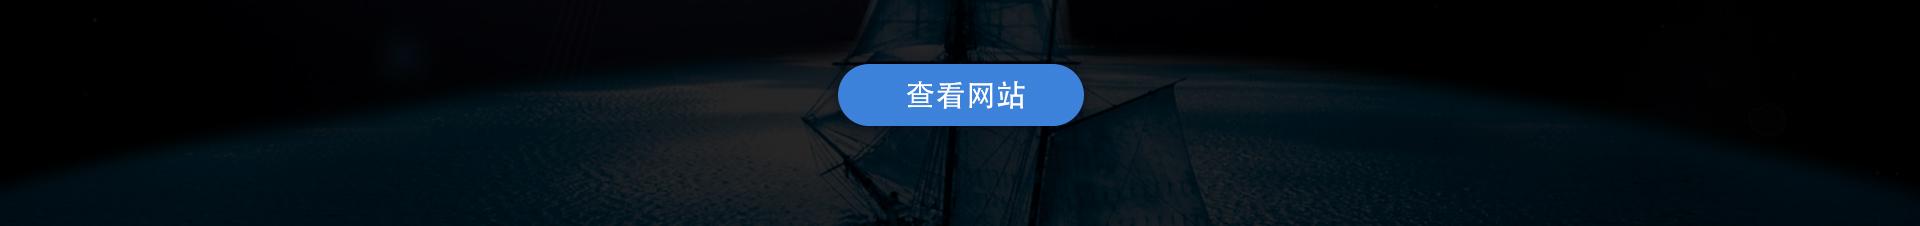 宁波飞色-尹美霞-尚海_02